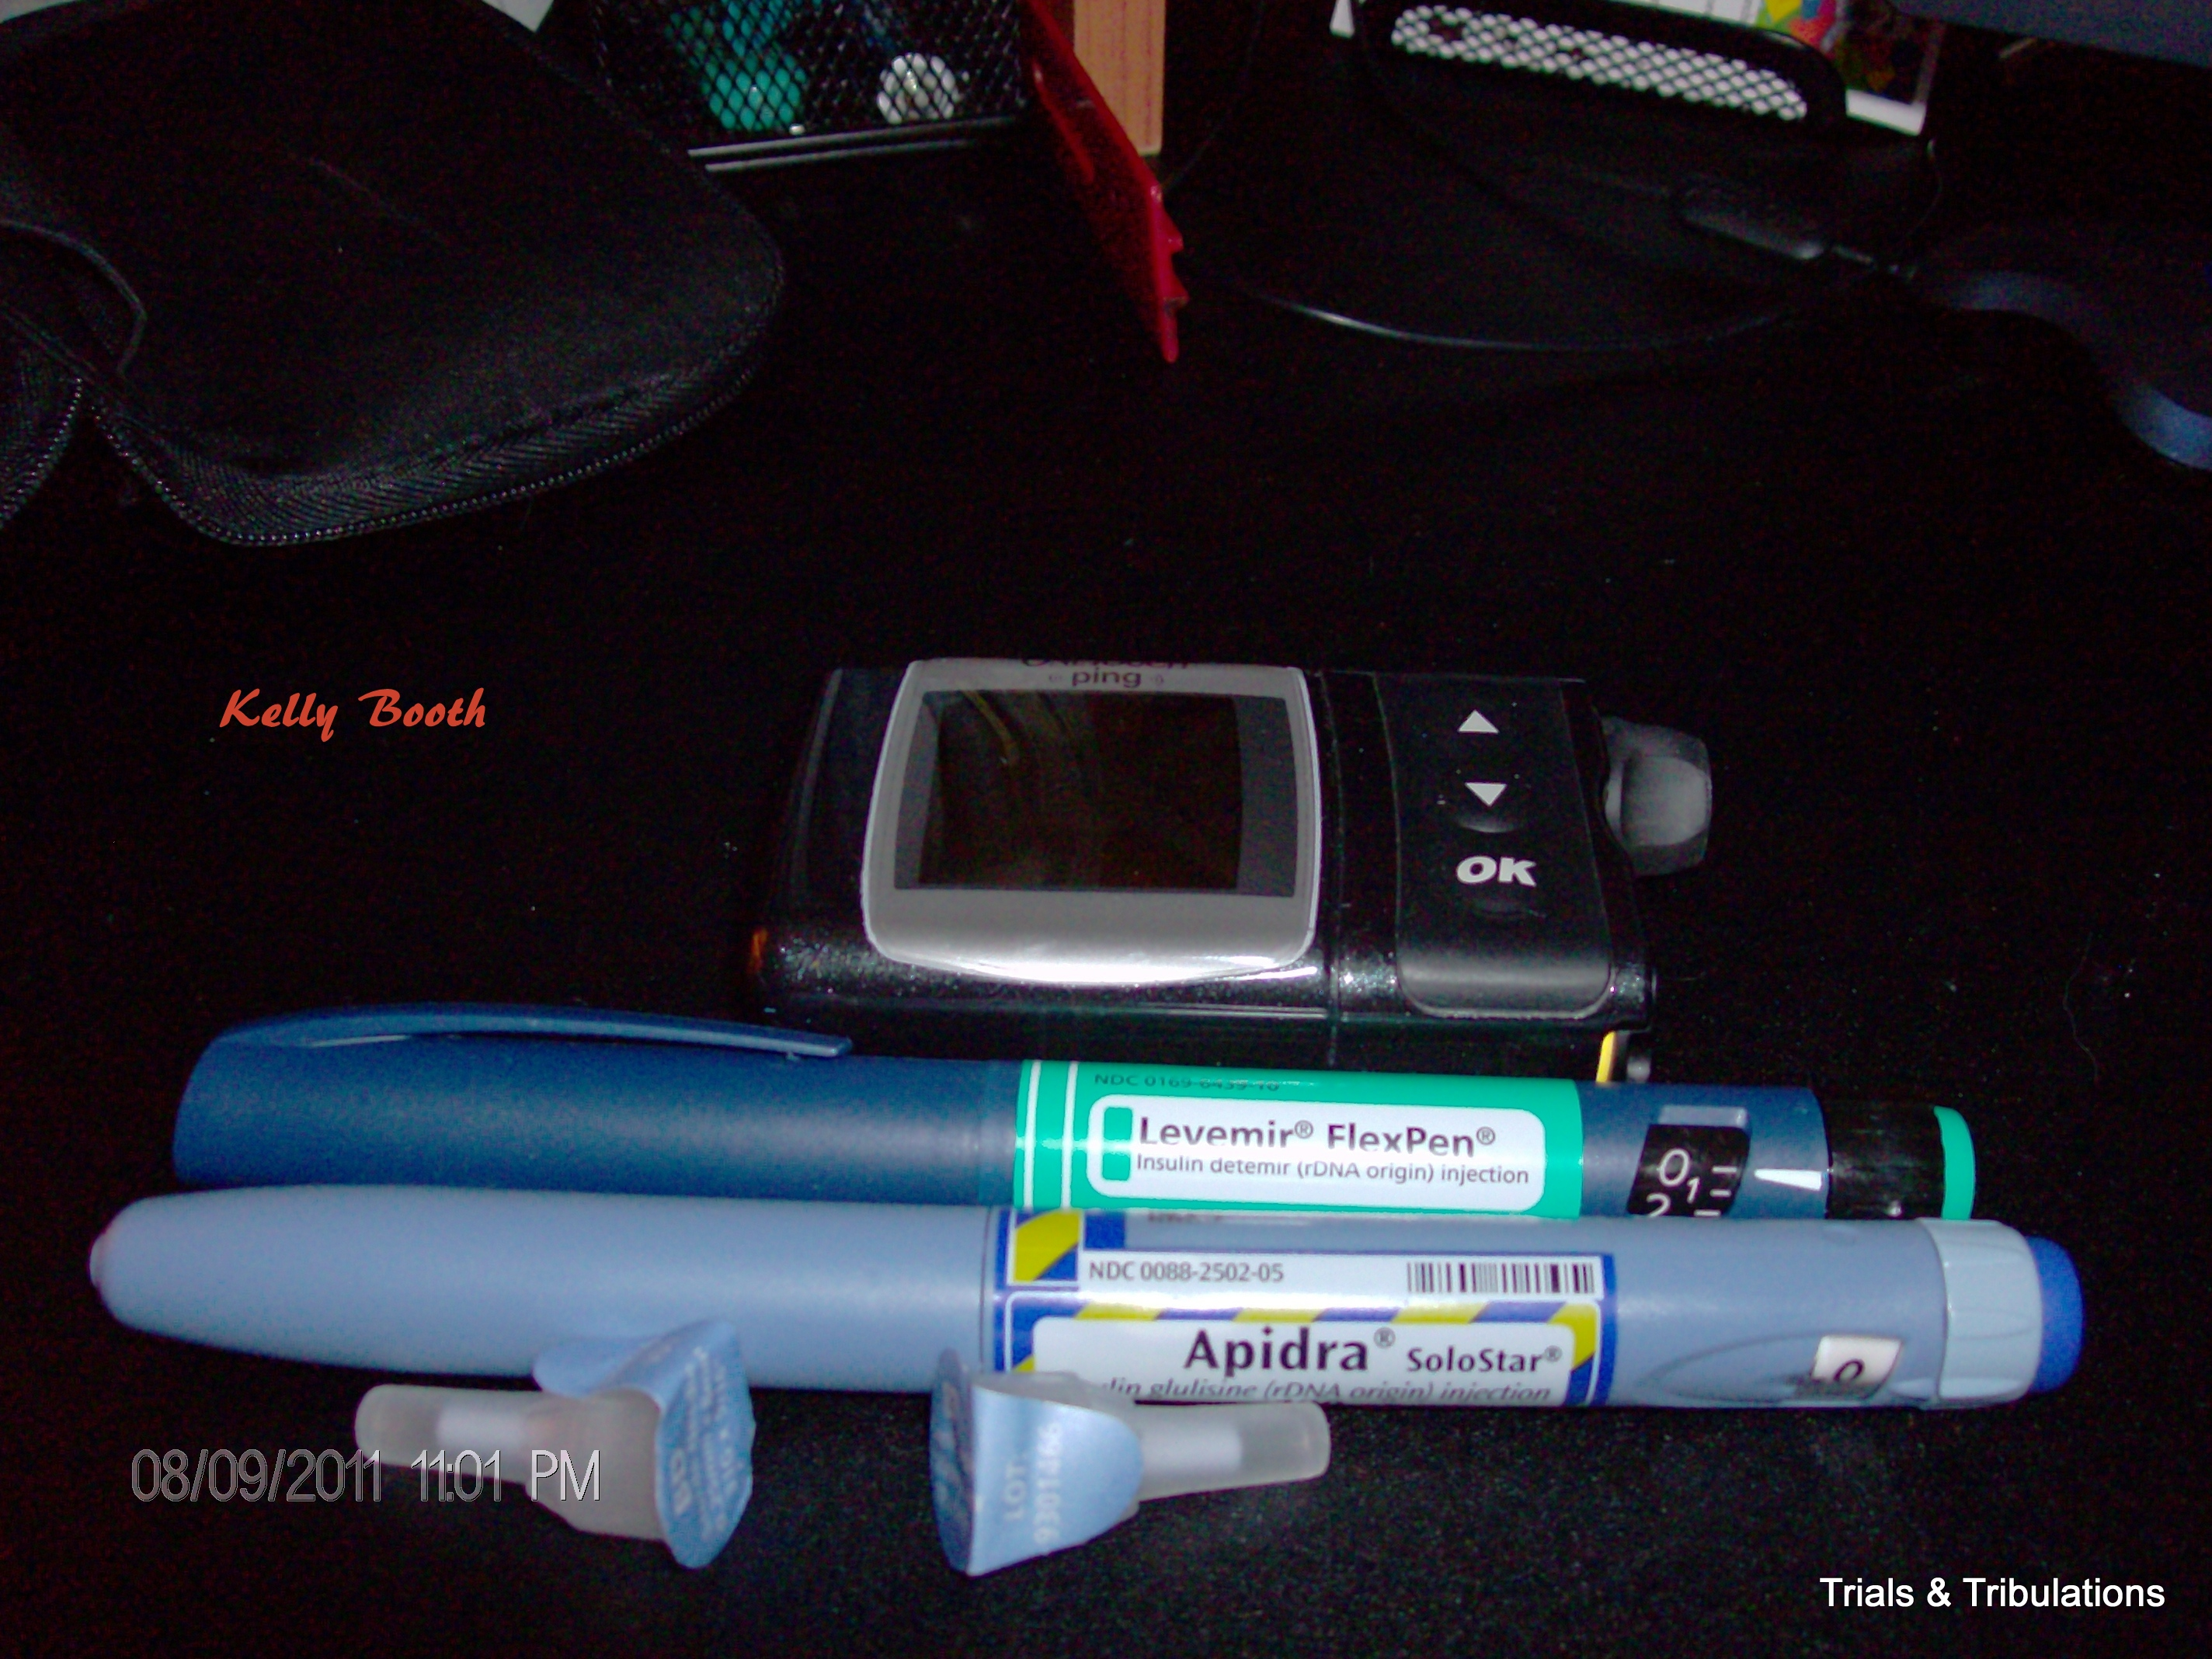 Insulin pens and insulin pump